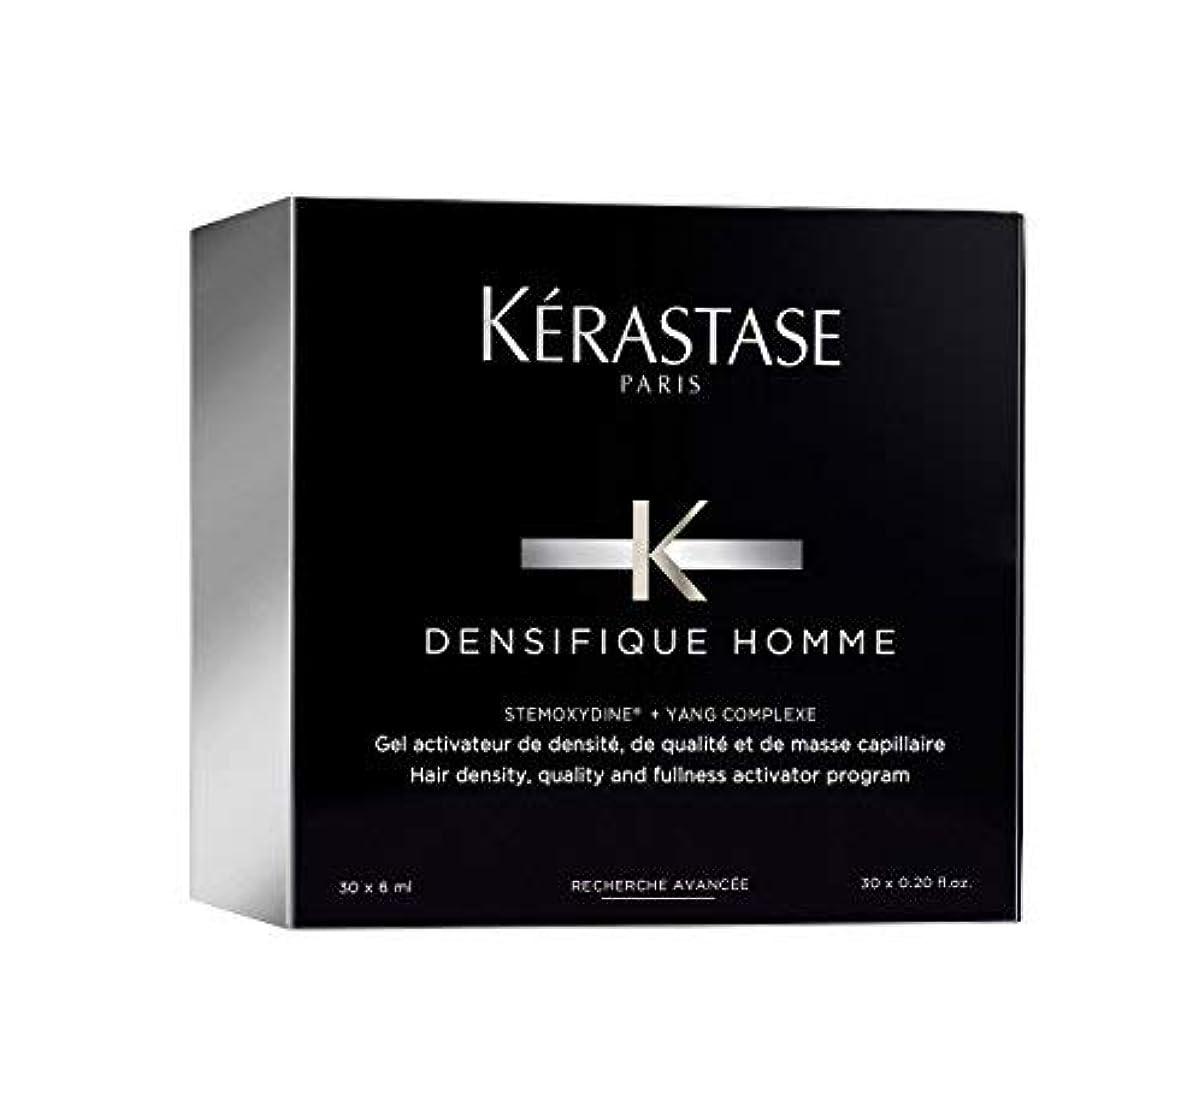 厚さ不良応答ケラスターゼ Densifique Homme Hair Density and Fullness Programme 30x6ml